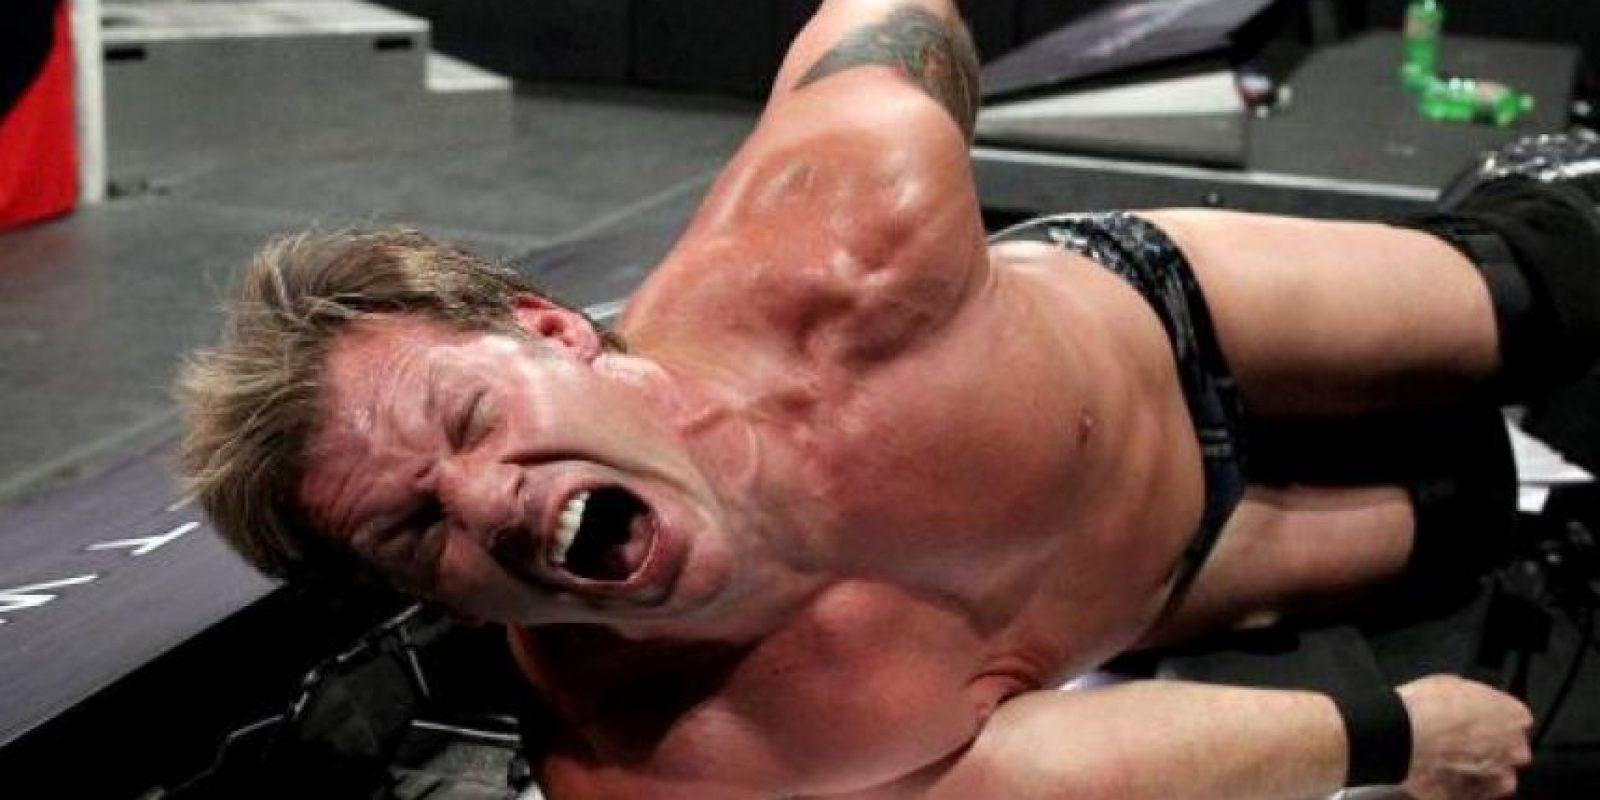 Fue acusado de estar alcoholizado en público Foto:WWE